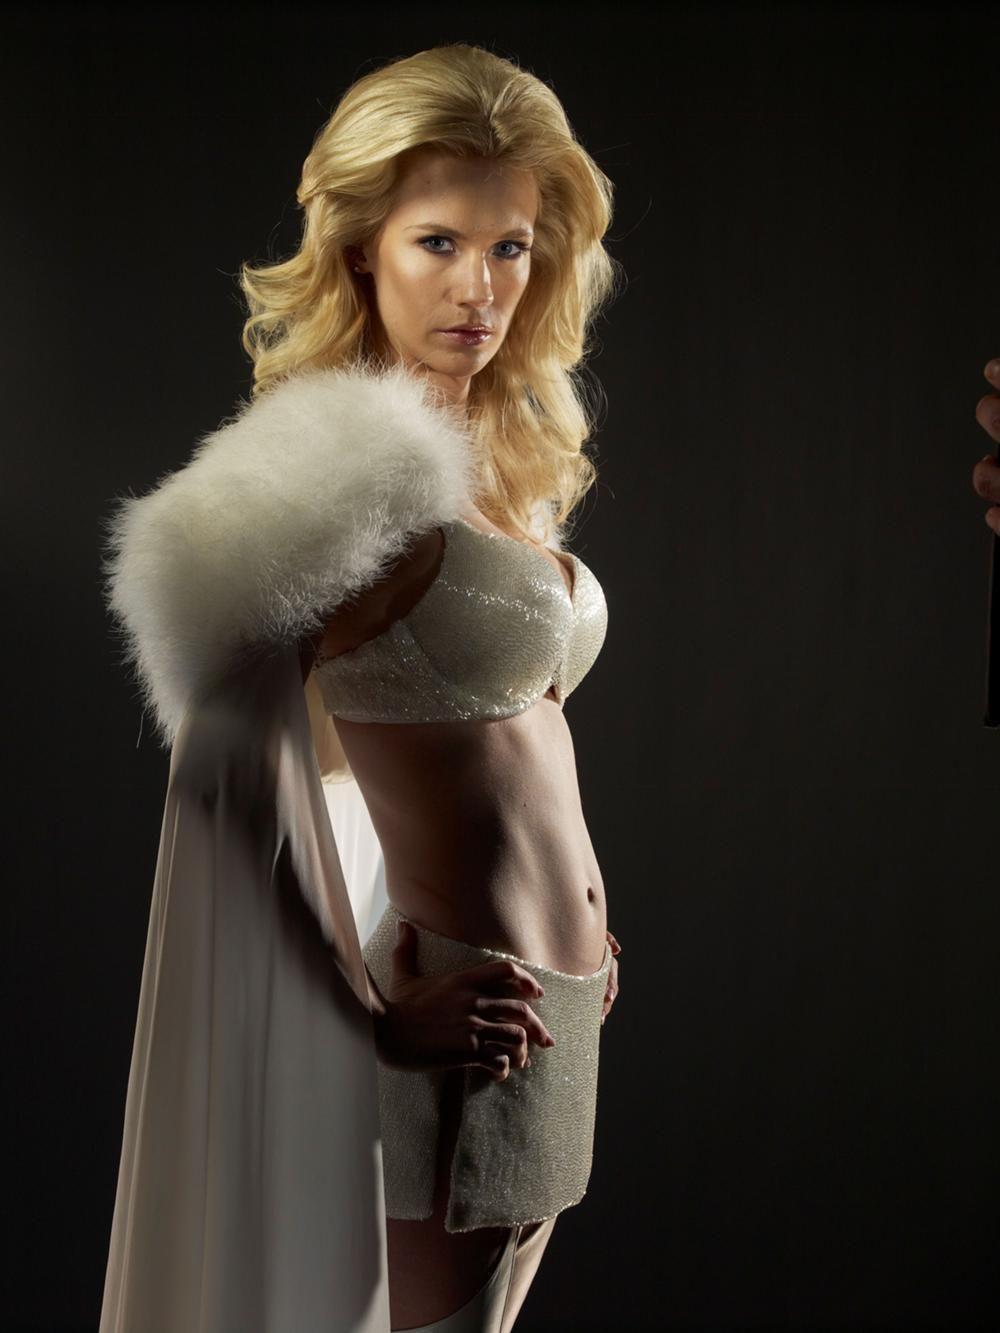 Jennifer nettles porn